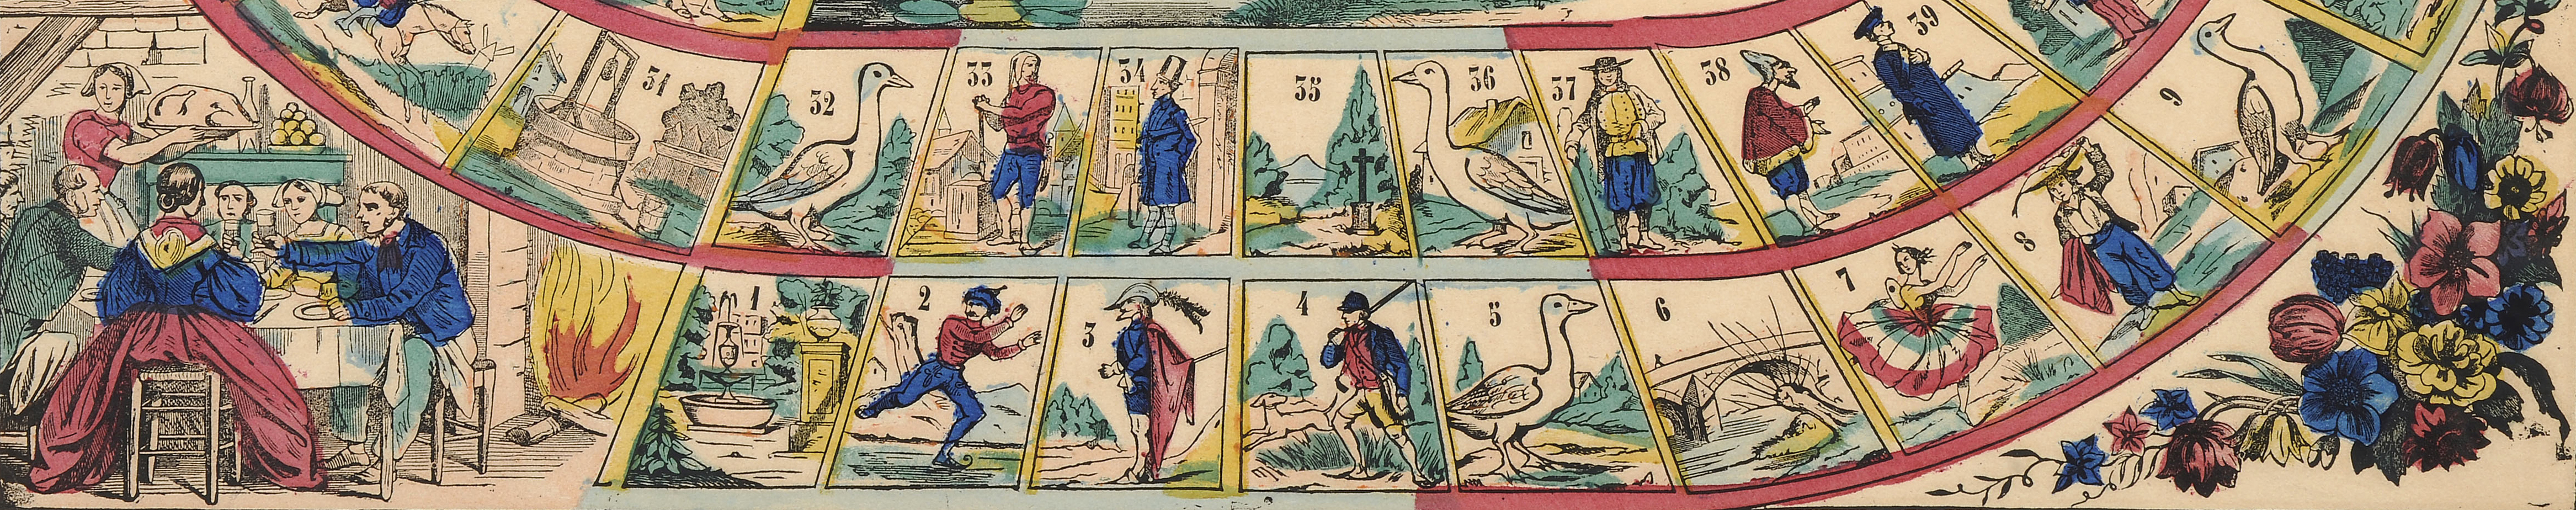 Symbolisme du jeu de l'oie